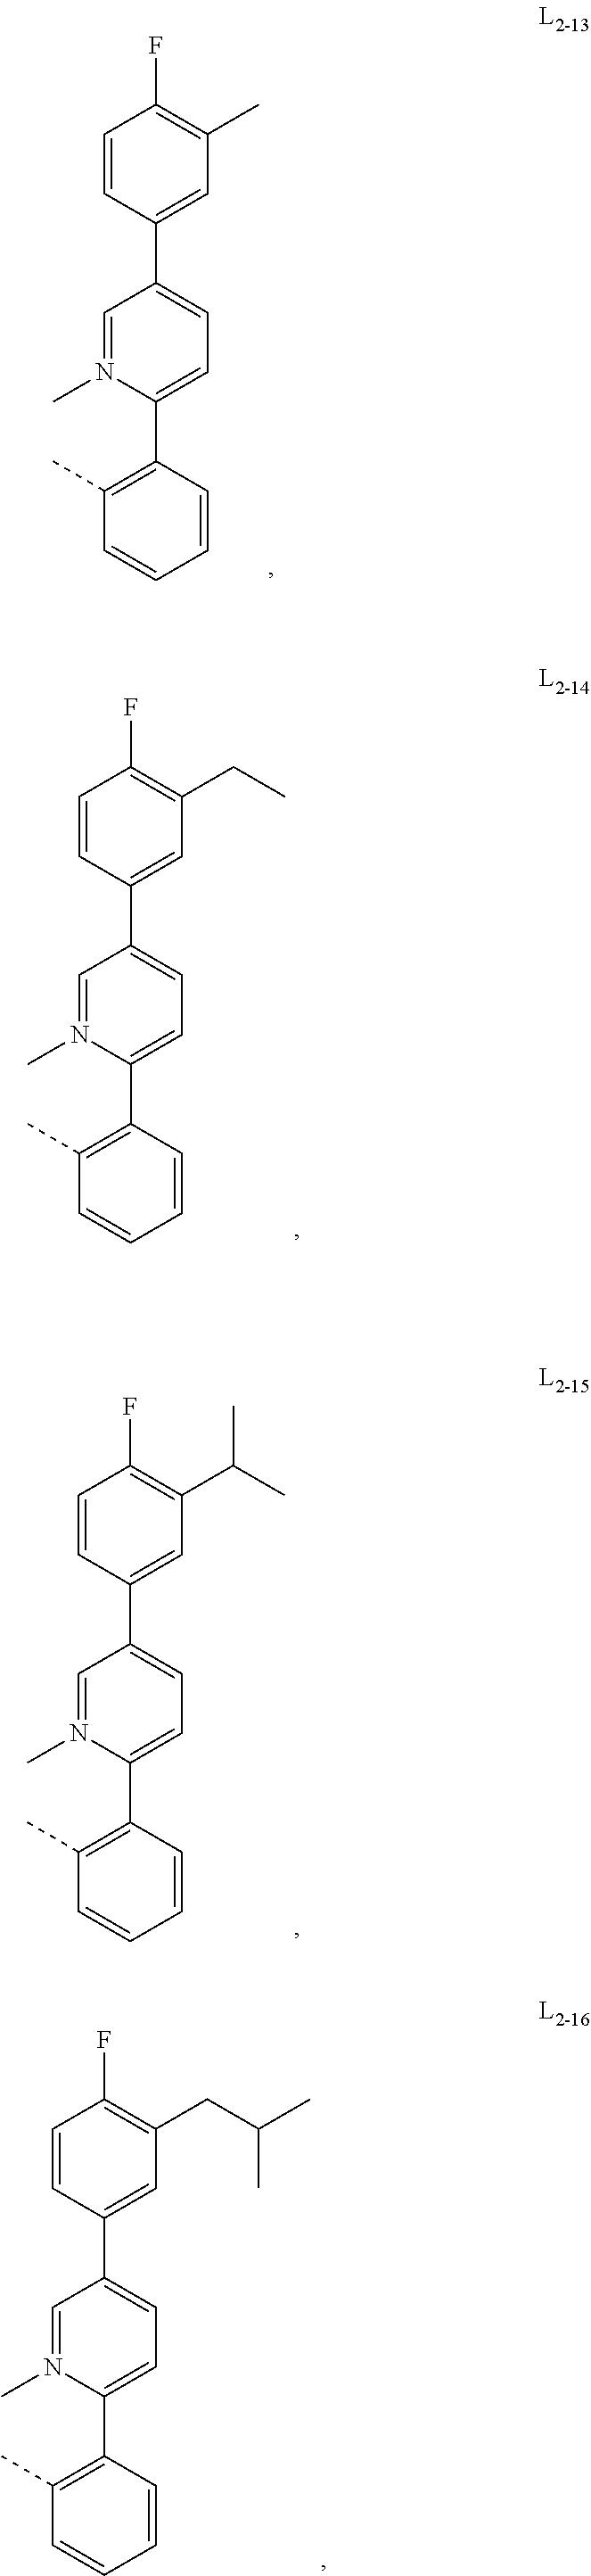 Figure US10074806-20180911-C00053